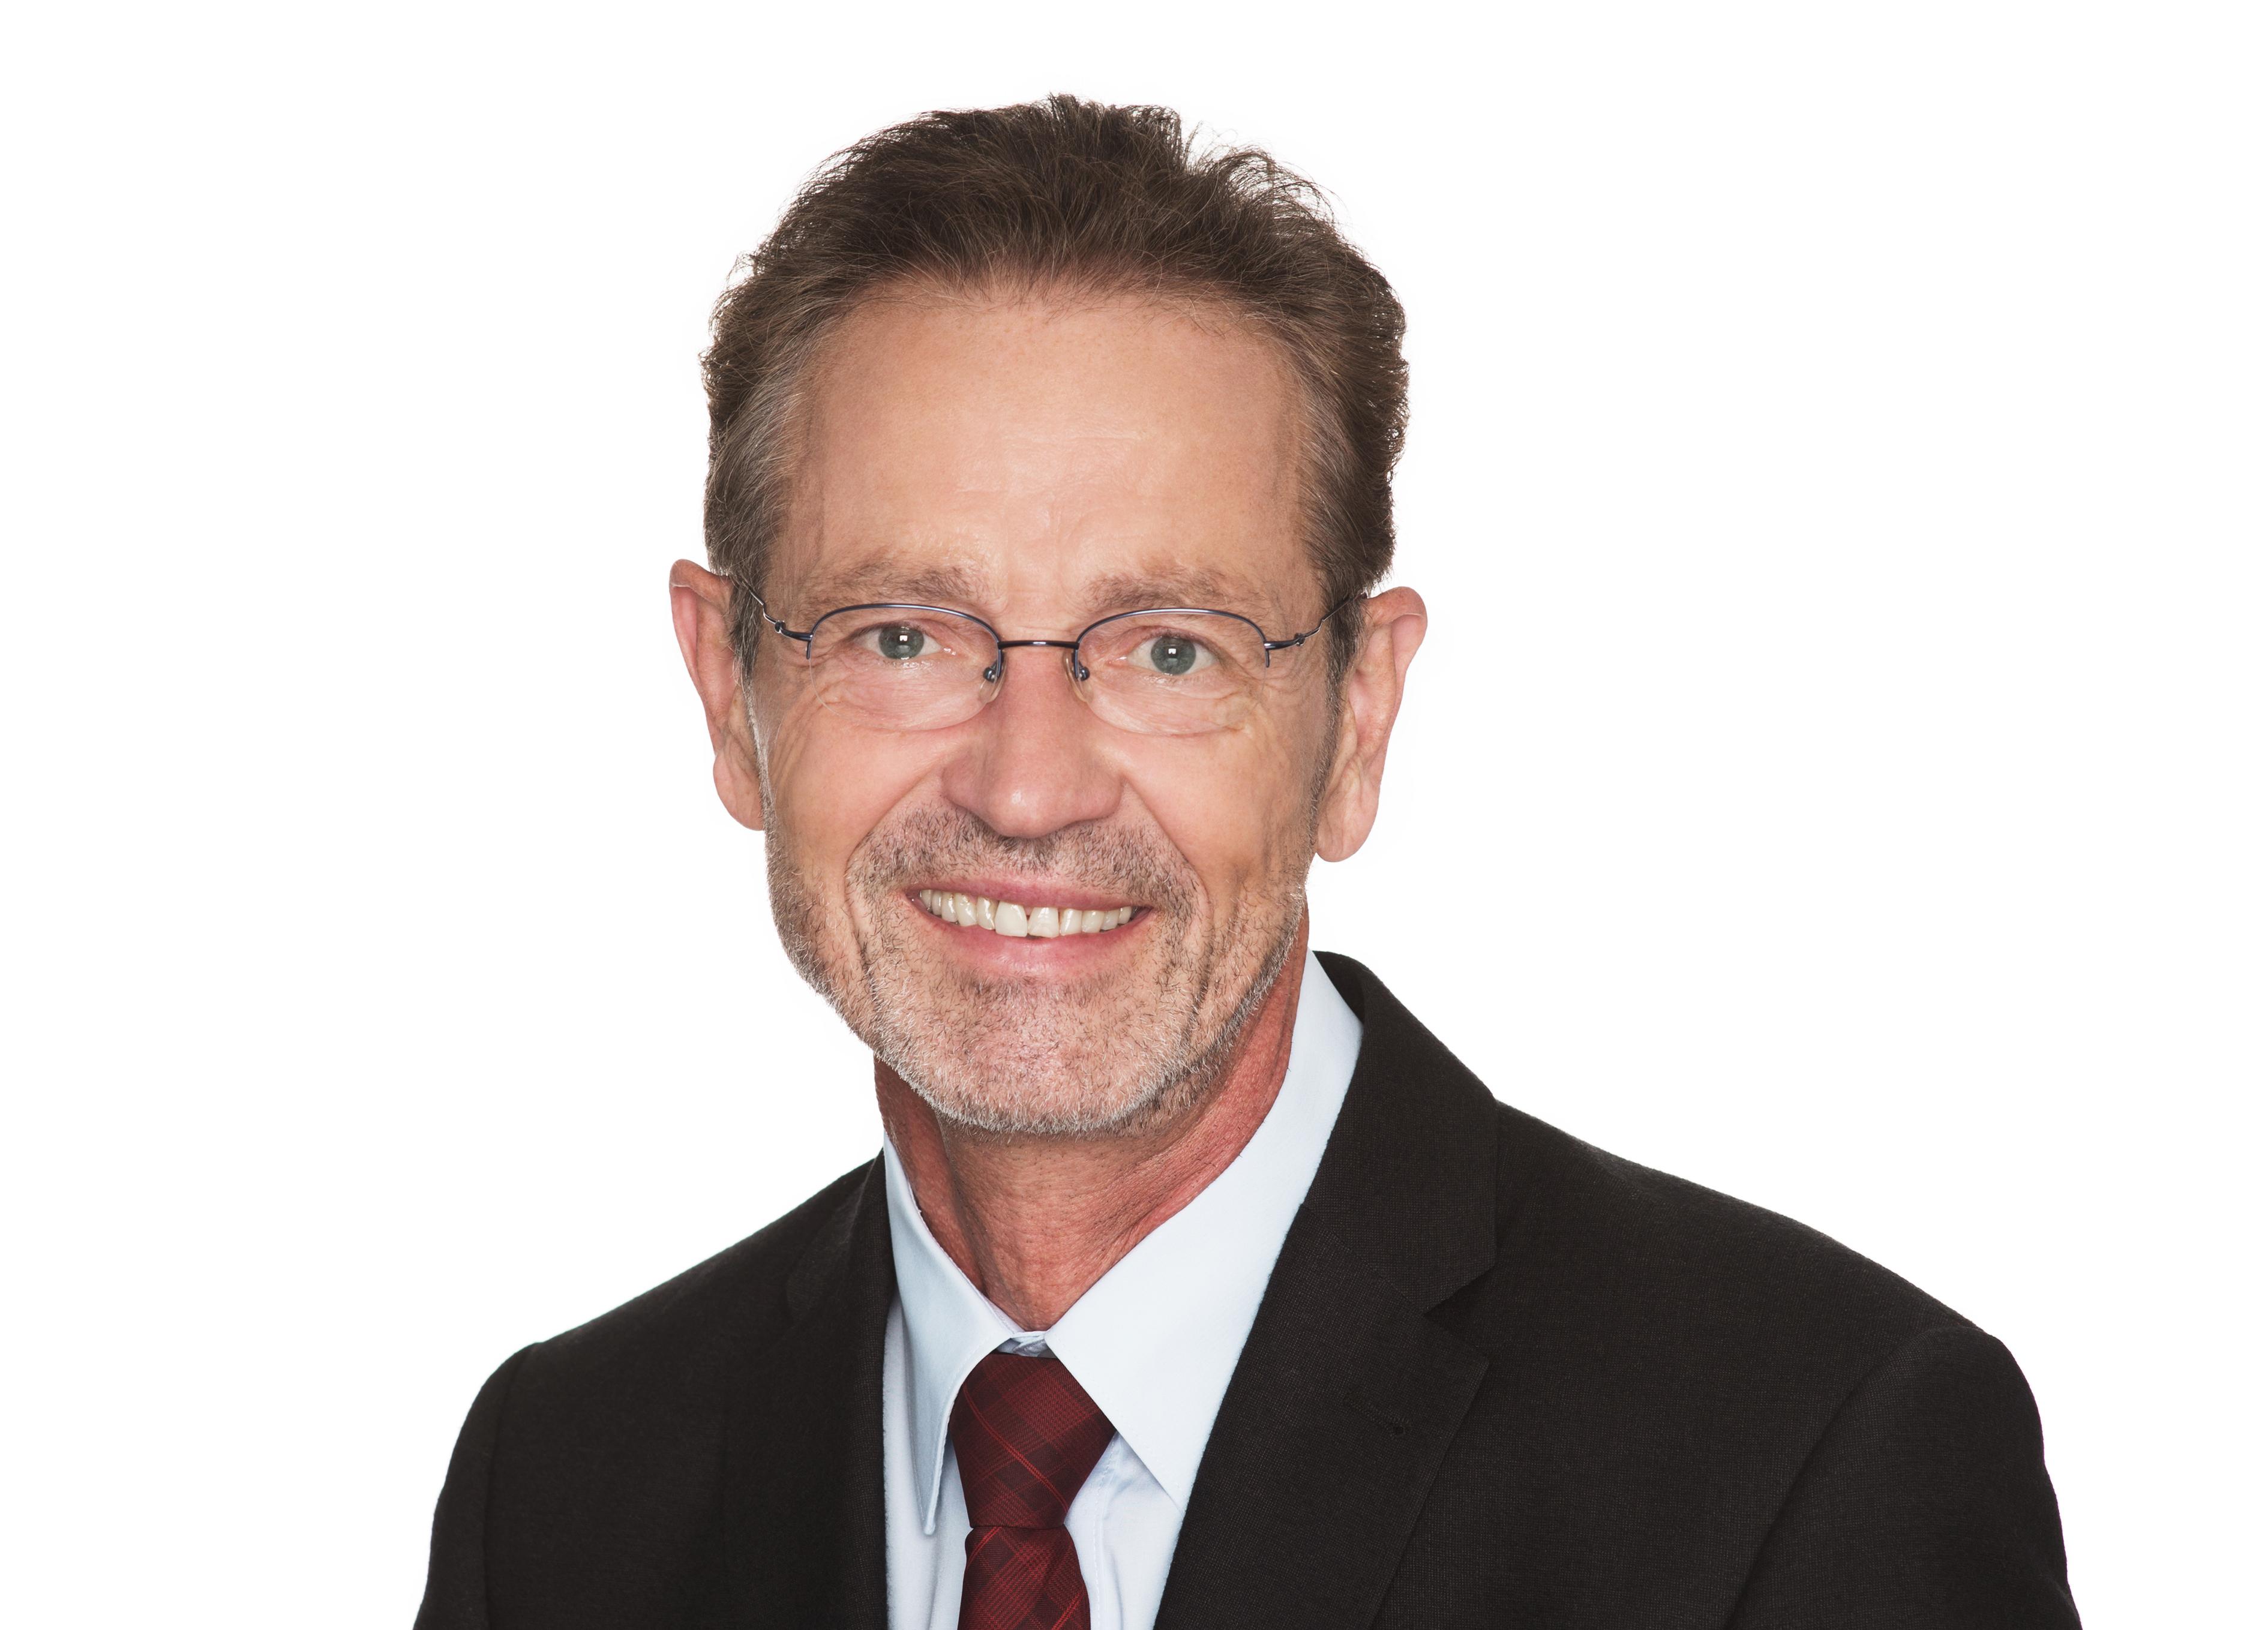 """Karl Friedrich Hauri, Geschäftsführer der Kramer-Werke GmbH: """"Auf der TiefbauLive können sich die Messebesucher bei praktischen Vorführungen ein Bild von unseren innovativen Maschinen machen."""""""